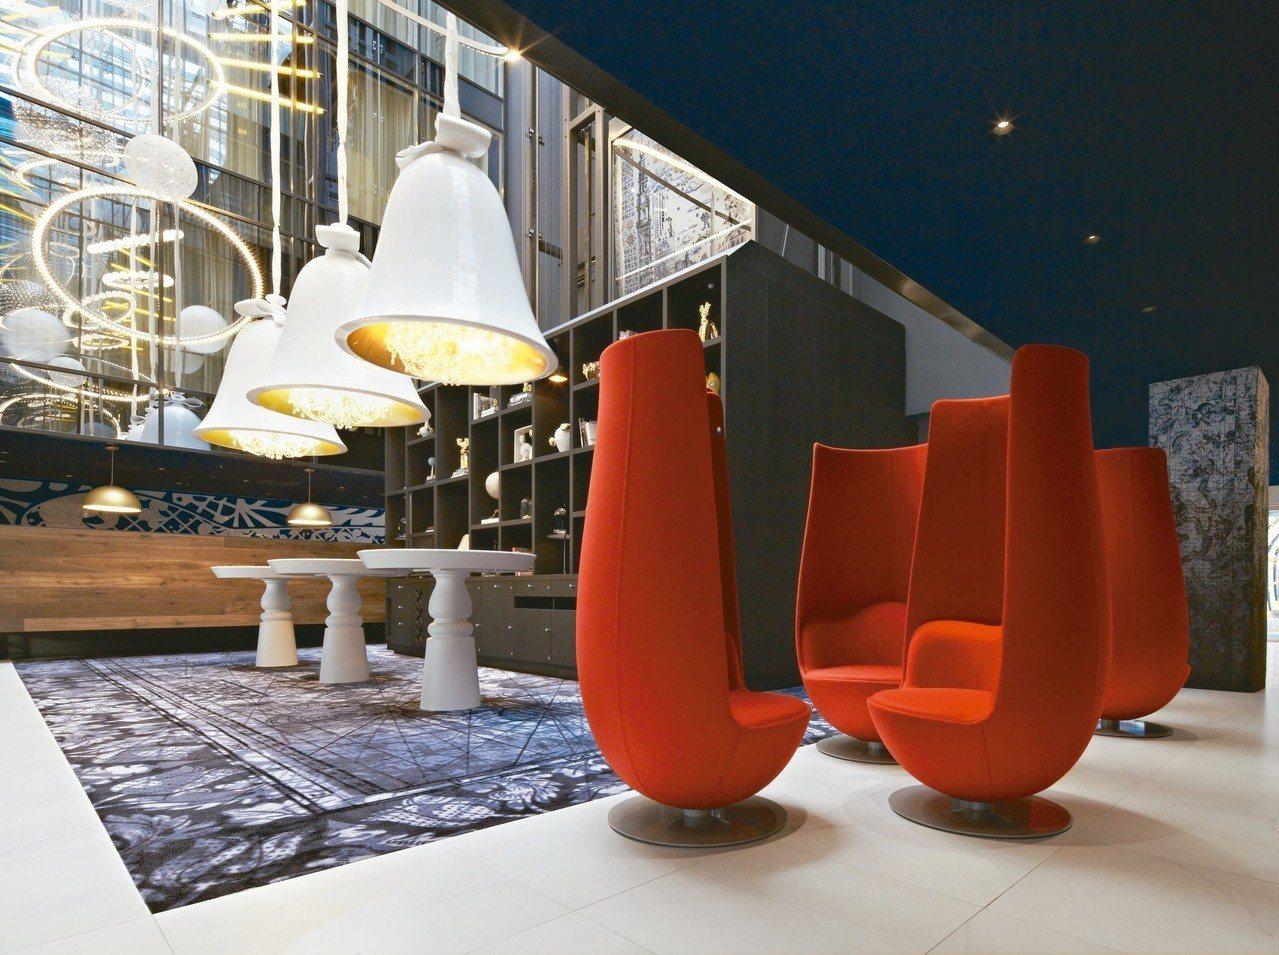 圖書館改裝的阿姆斯特丹安達仕王子運河凱悅概念飯店,內部設計前衛高雅。 Booki...